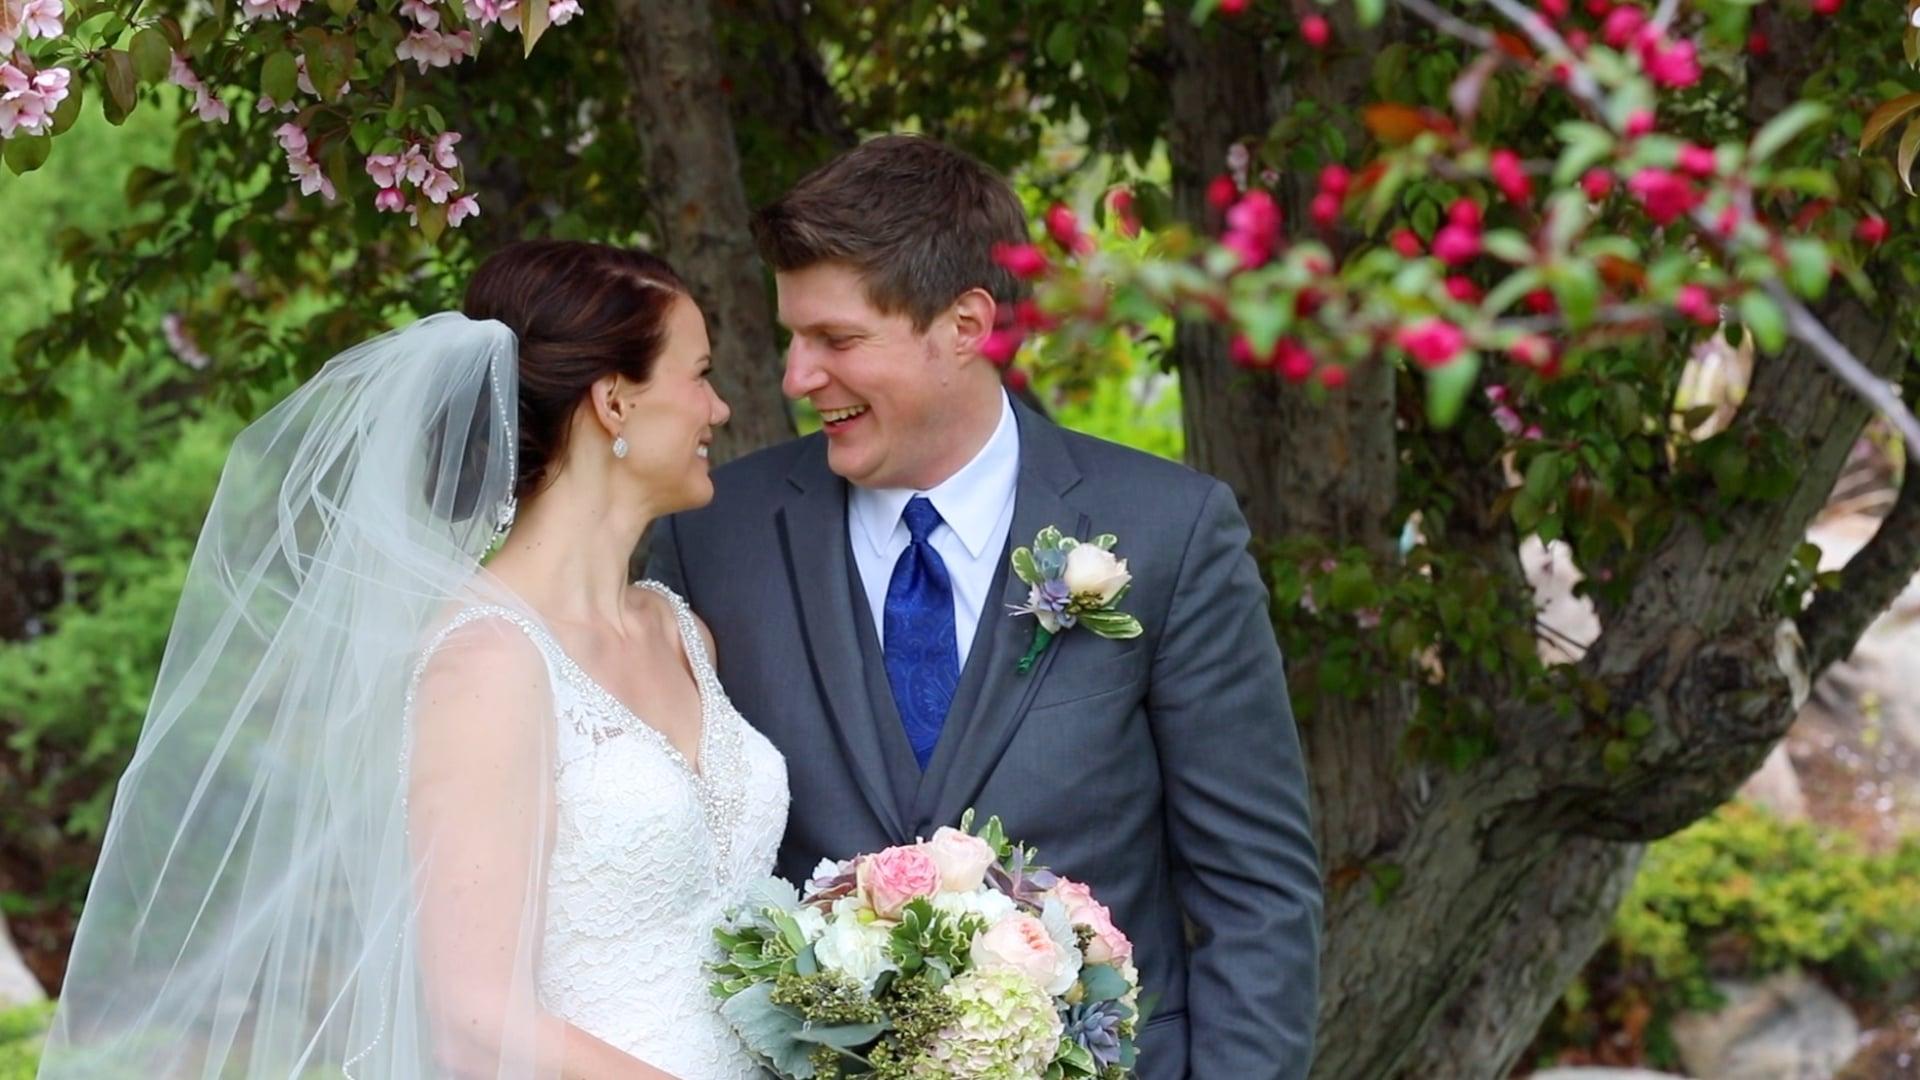 Erin + Dan   Wedding Highlight Film   SummitHillStudios.com